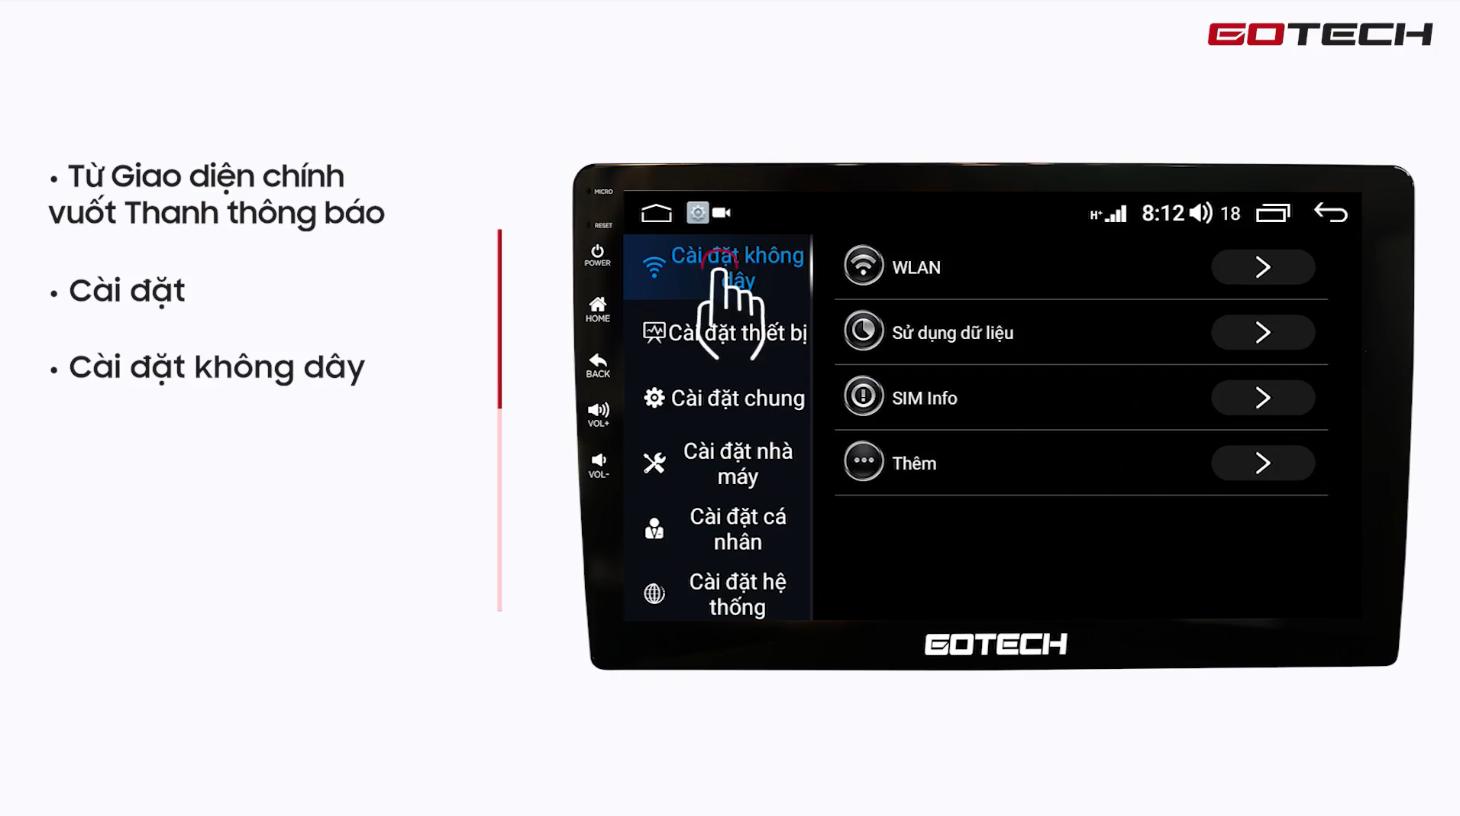 Hướng dẫn kết nối 4G LTE và phát Wifi trên màn hình Gotech